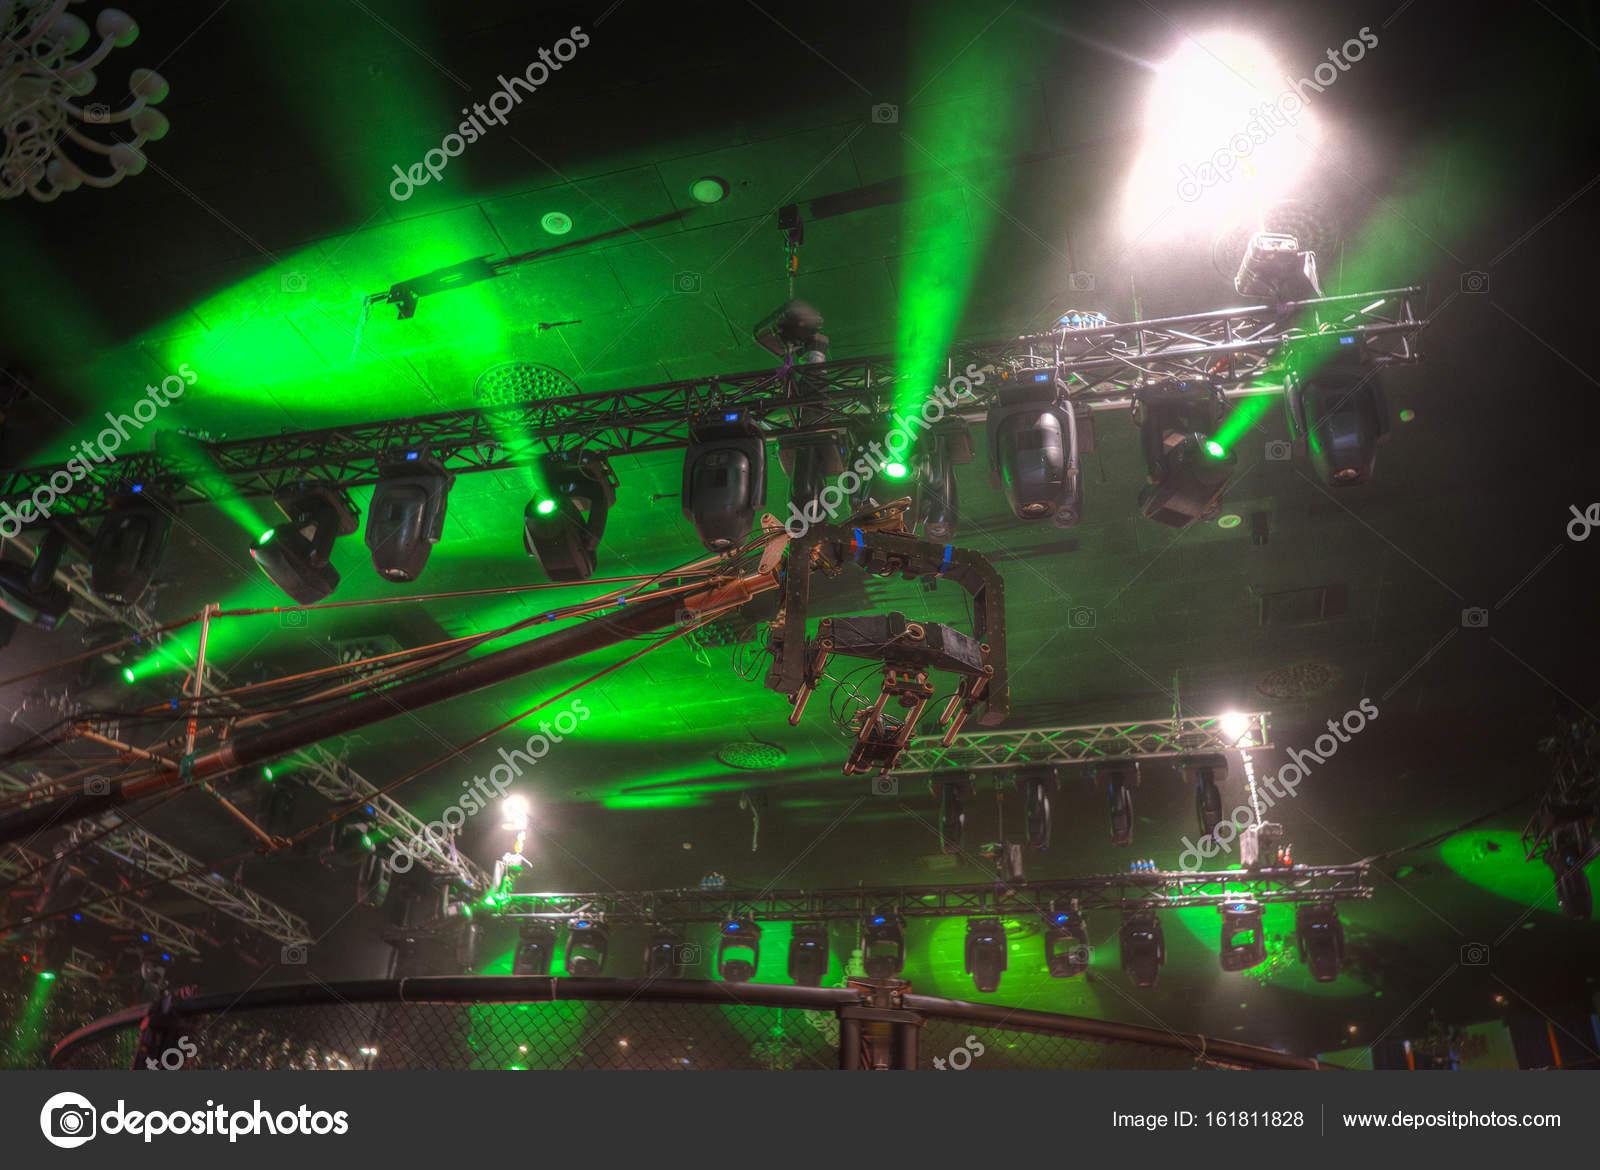 Concert Avec Prise De Vue A La Tele Photographie Lindrik C 161811828